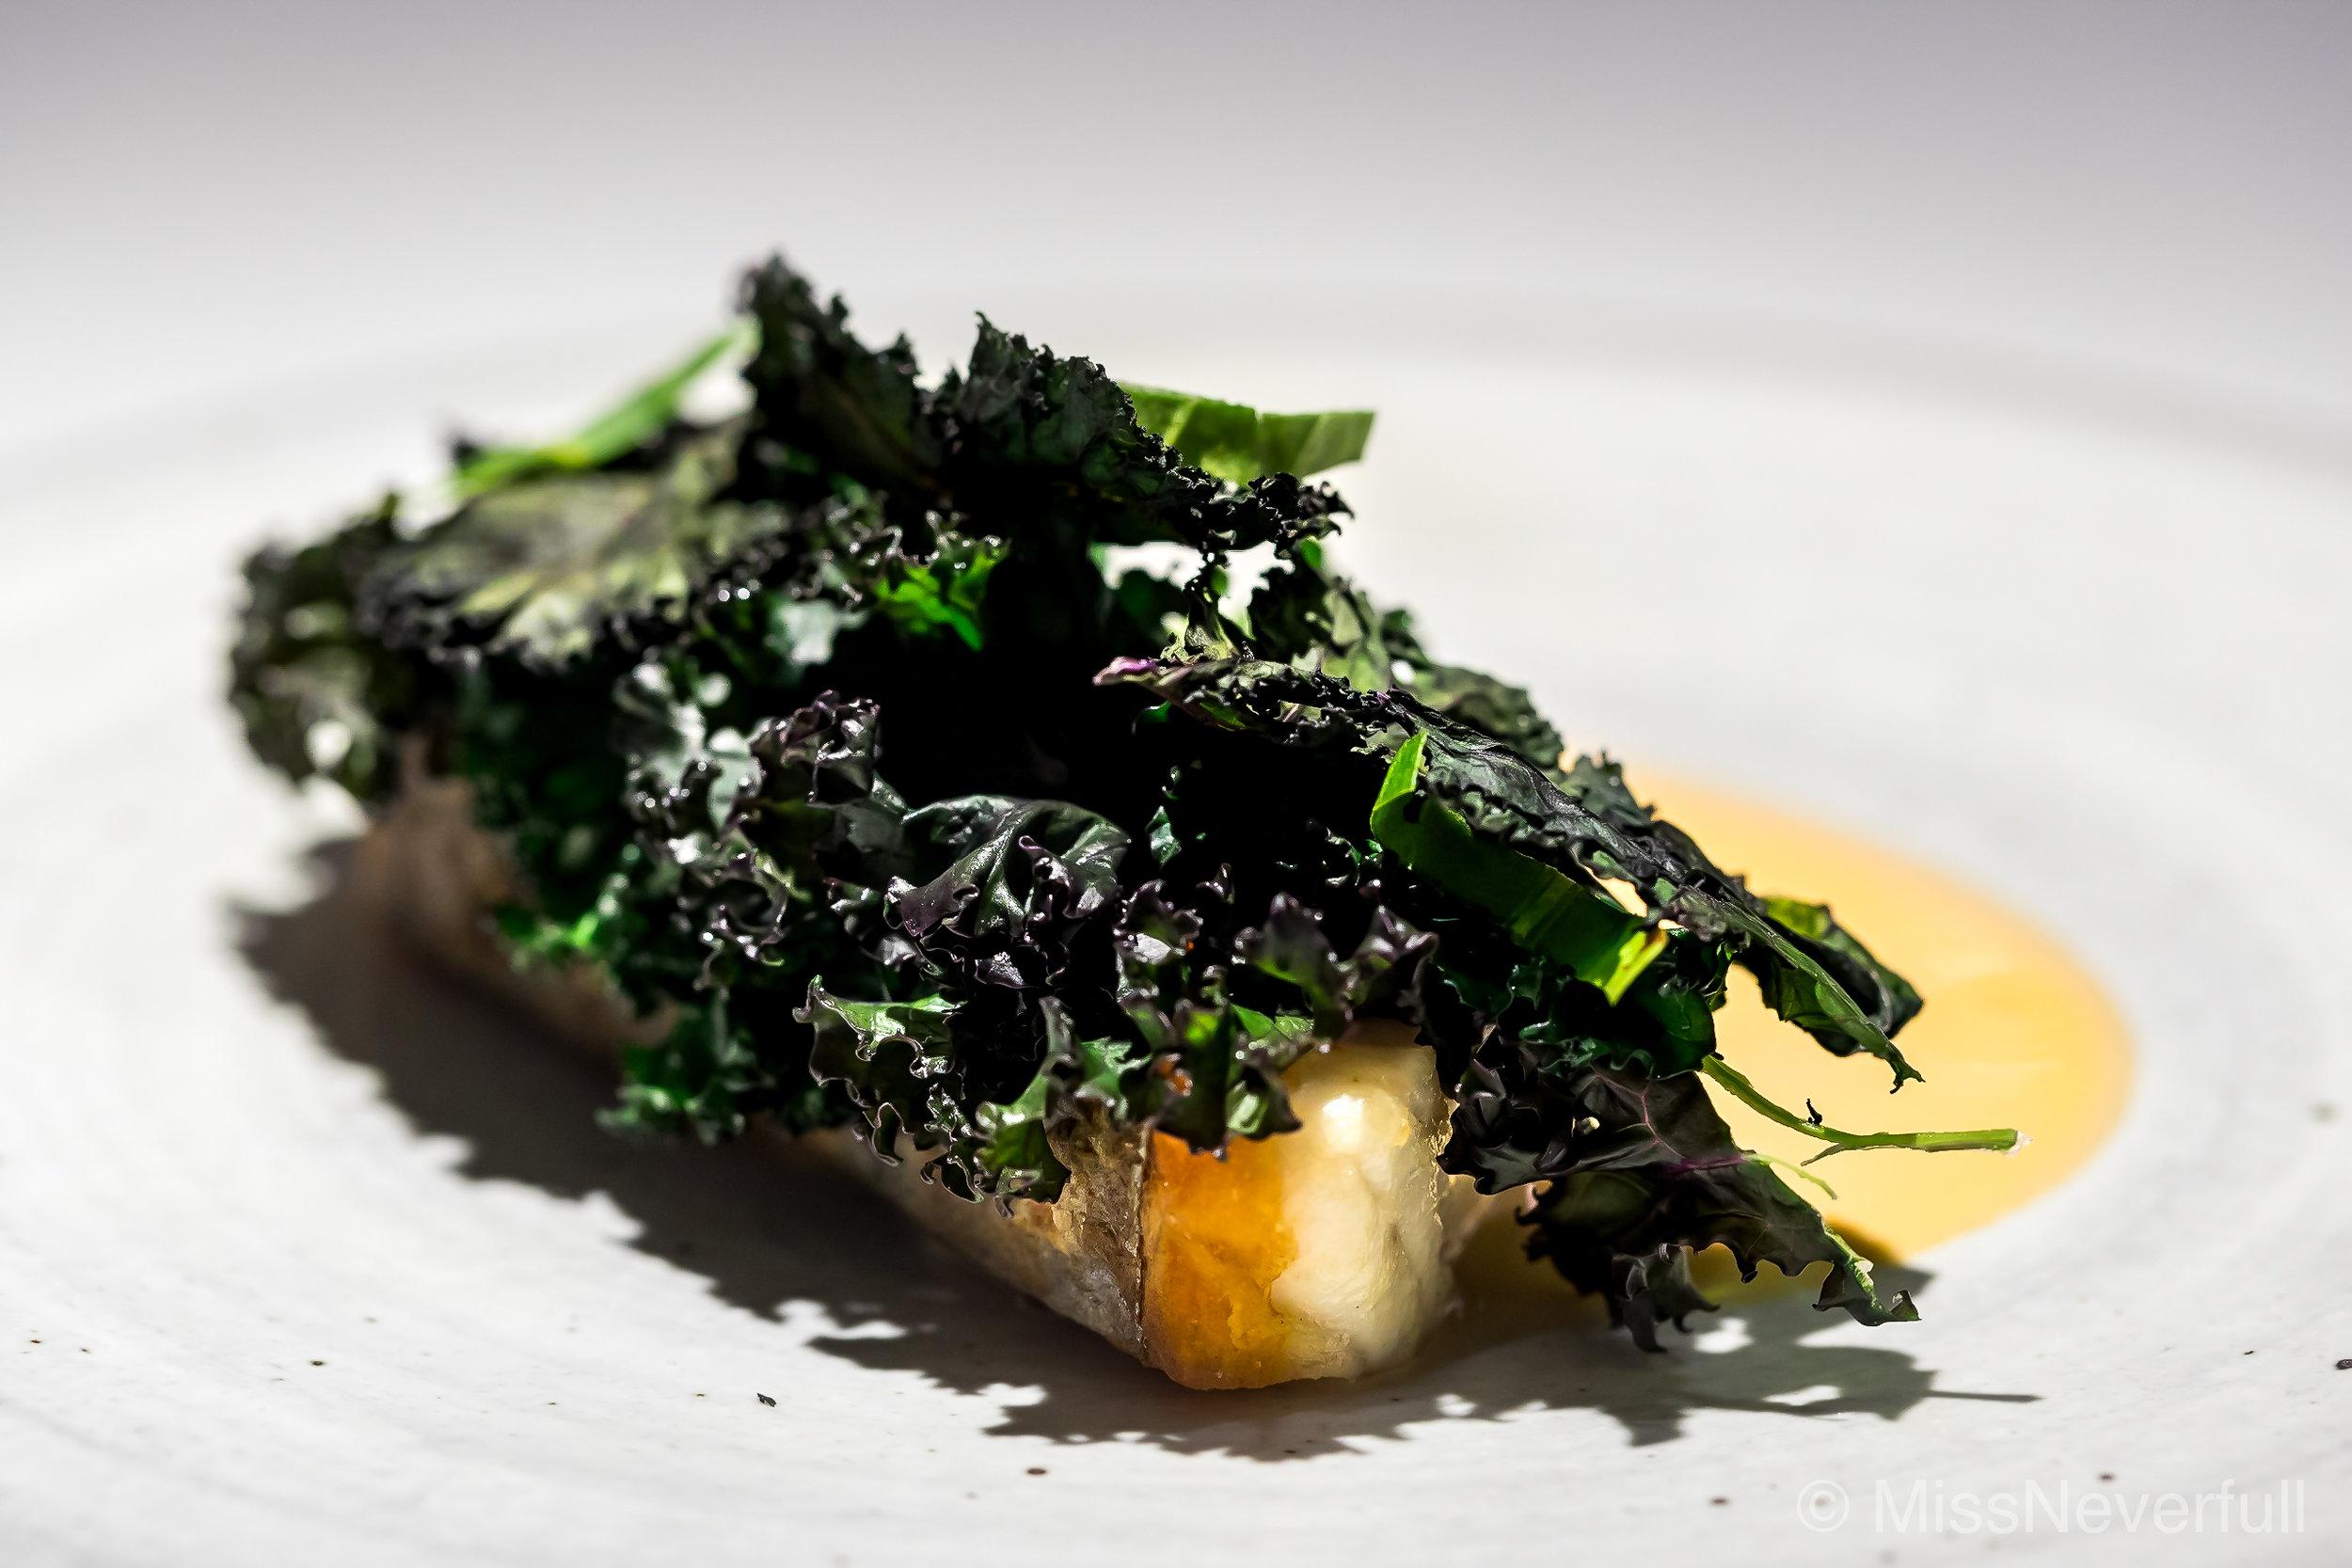 3. Spanish mackerel from Wakayama and burnt kale